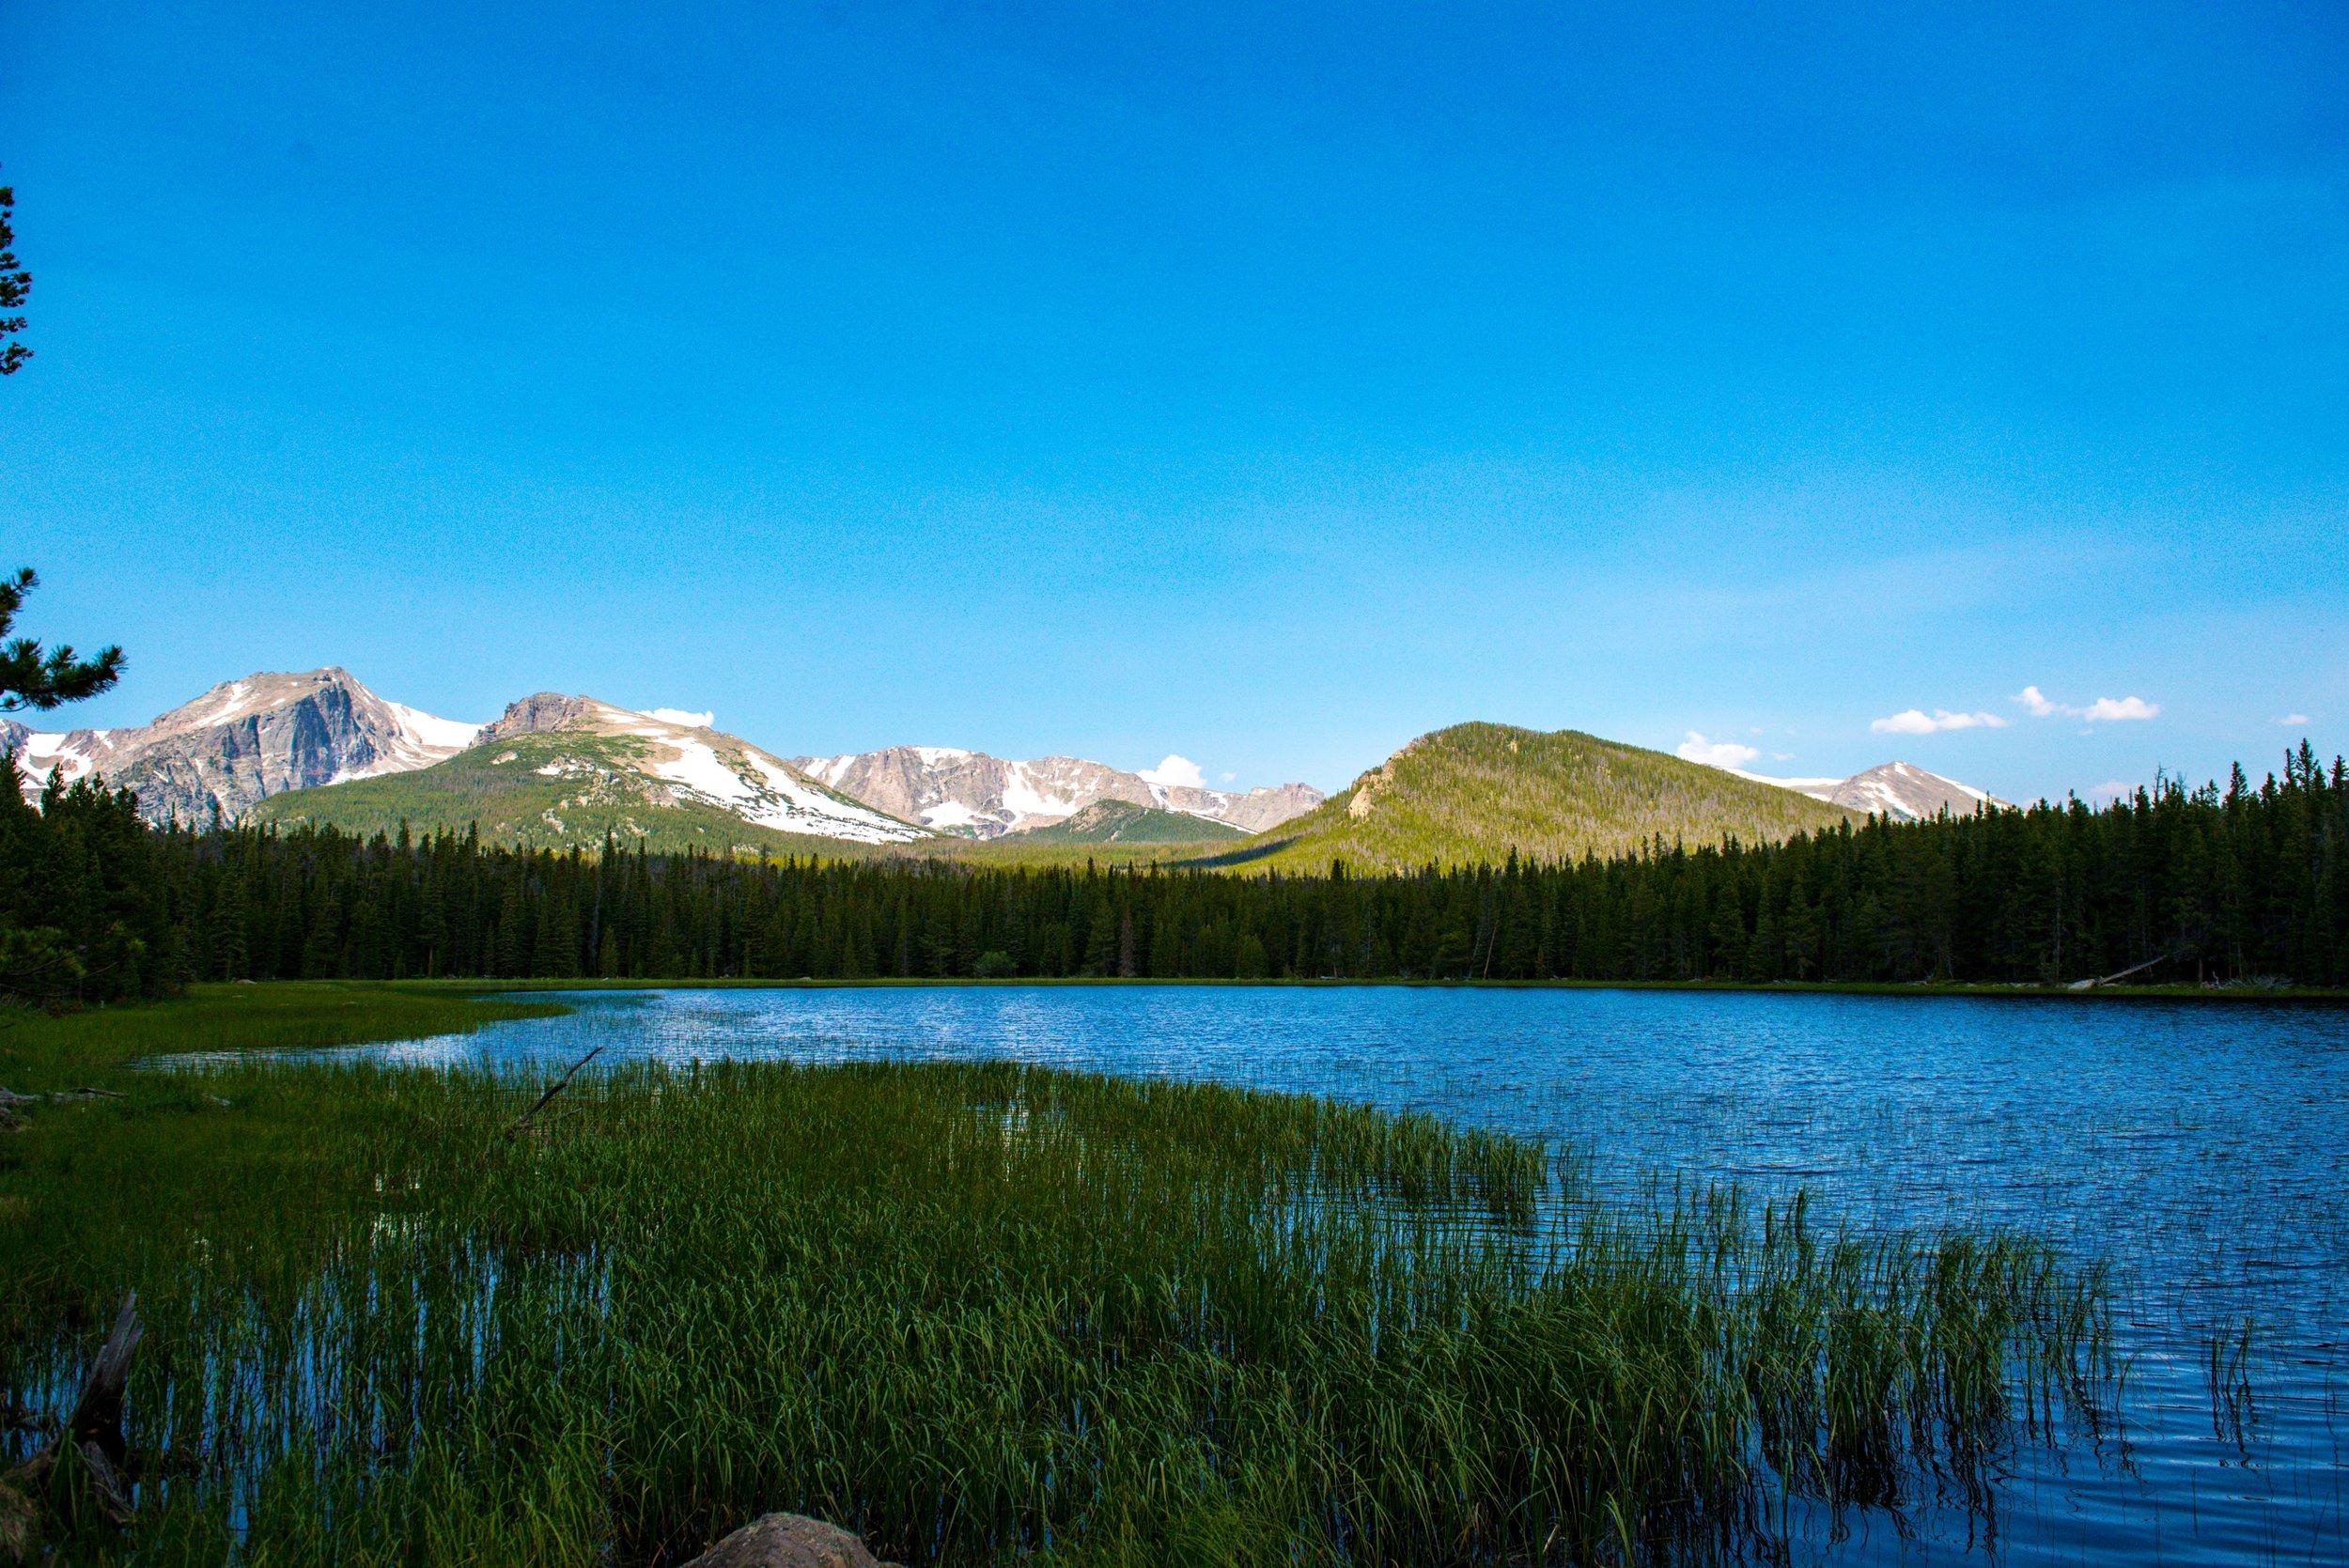 1707_ColoradoVacation-507.jpg